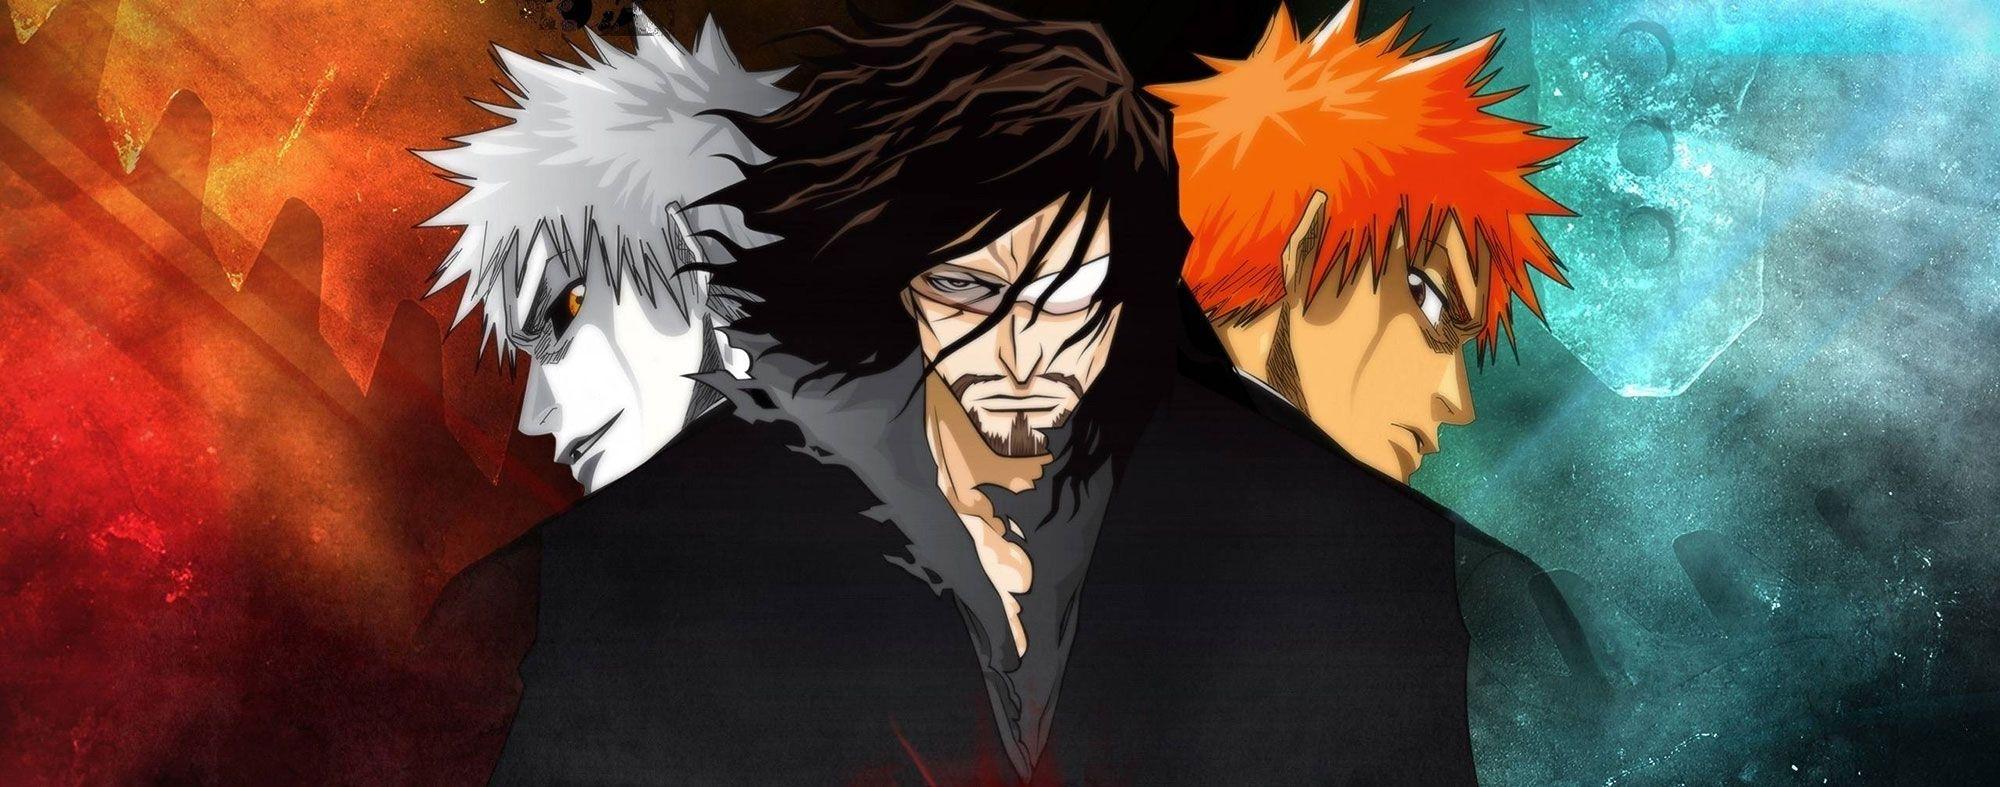 Bleach Quincy Wars Annoncé sur PlayStation 4 pour 2015